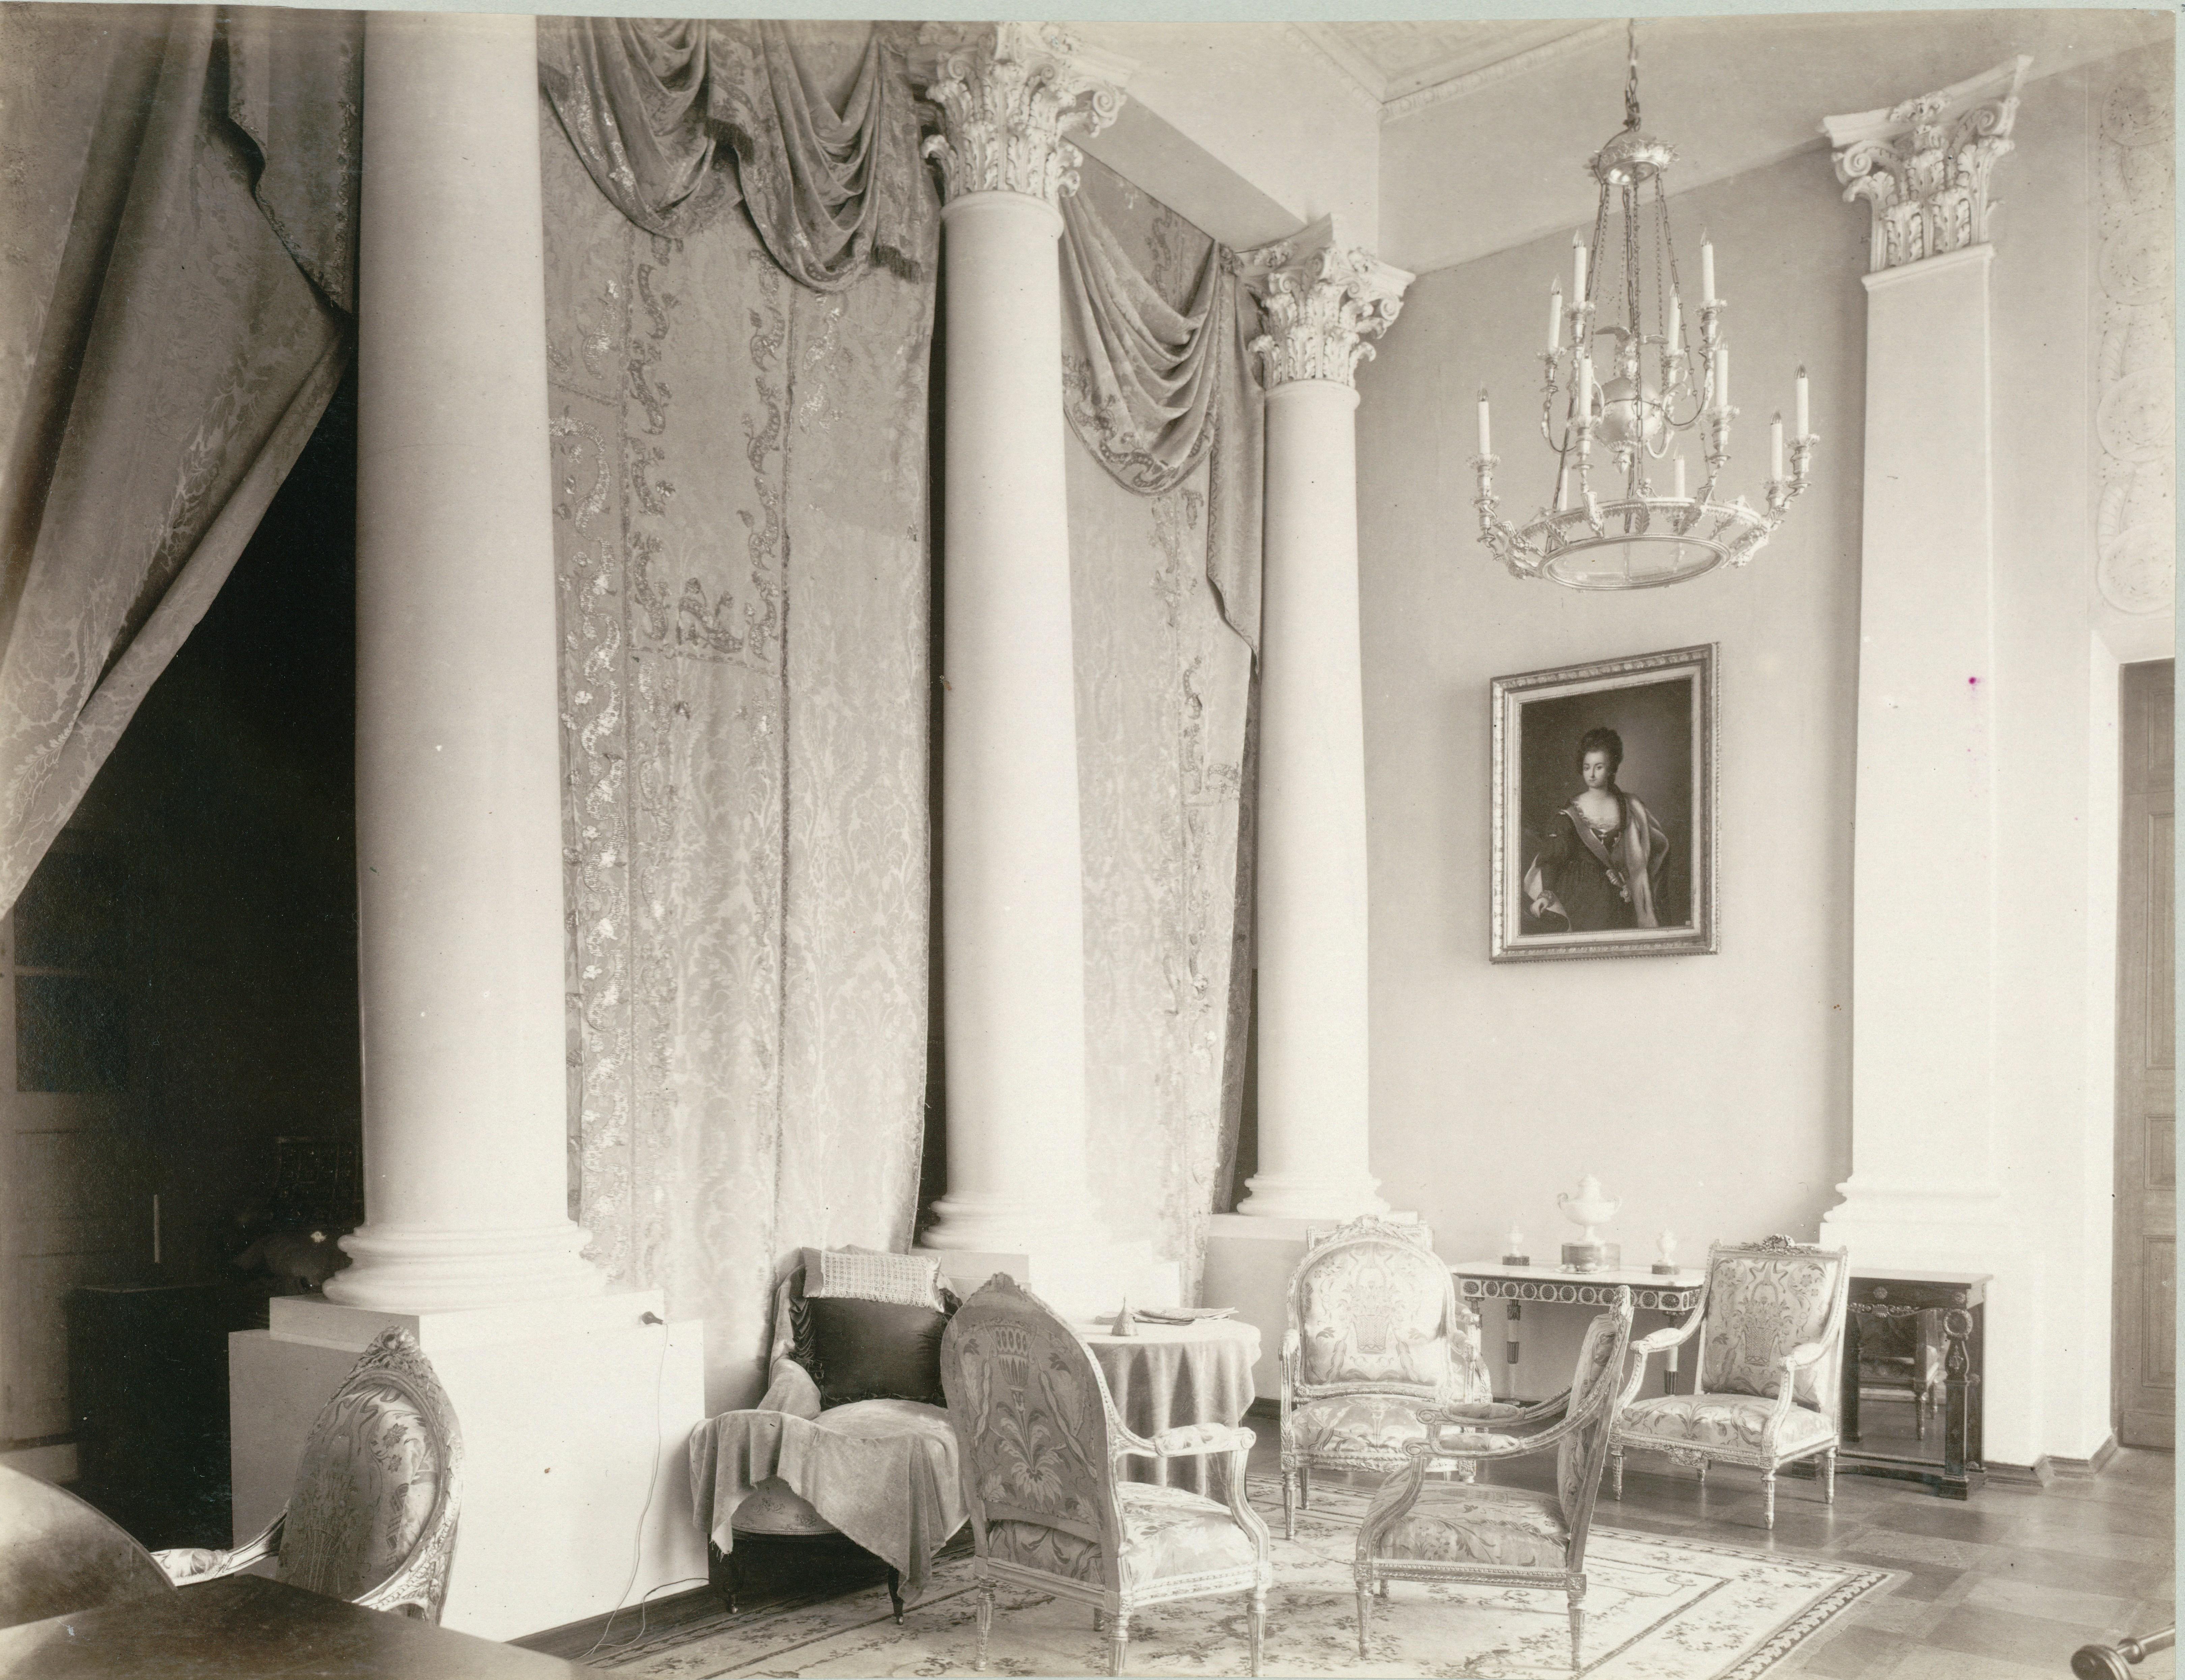 Дворец. Парадная спальня. Северо-восточная часть. На стене портрет Евдокии Борисовны Юсуповой